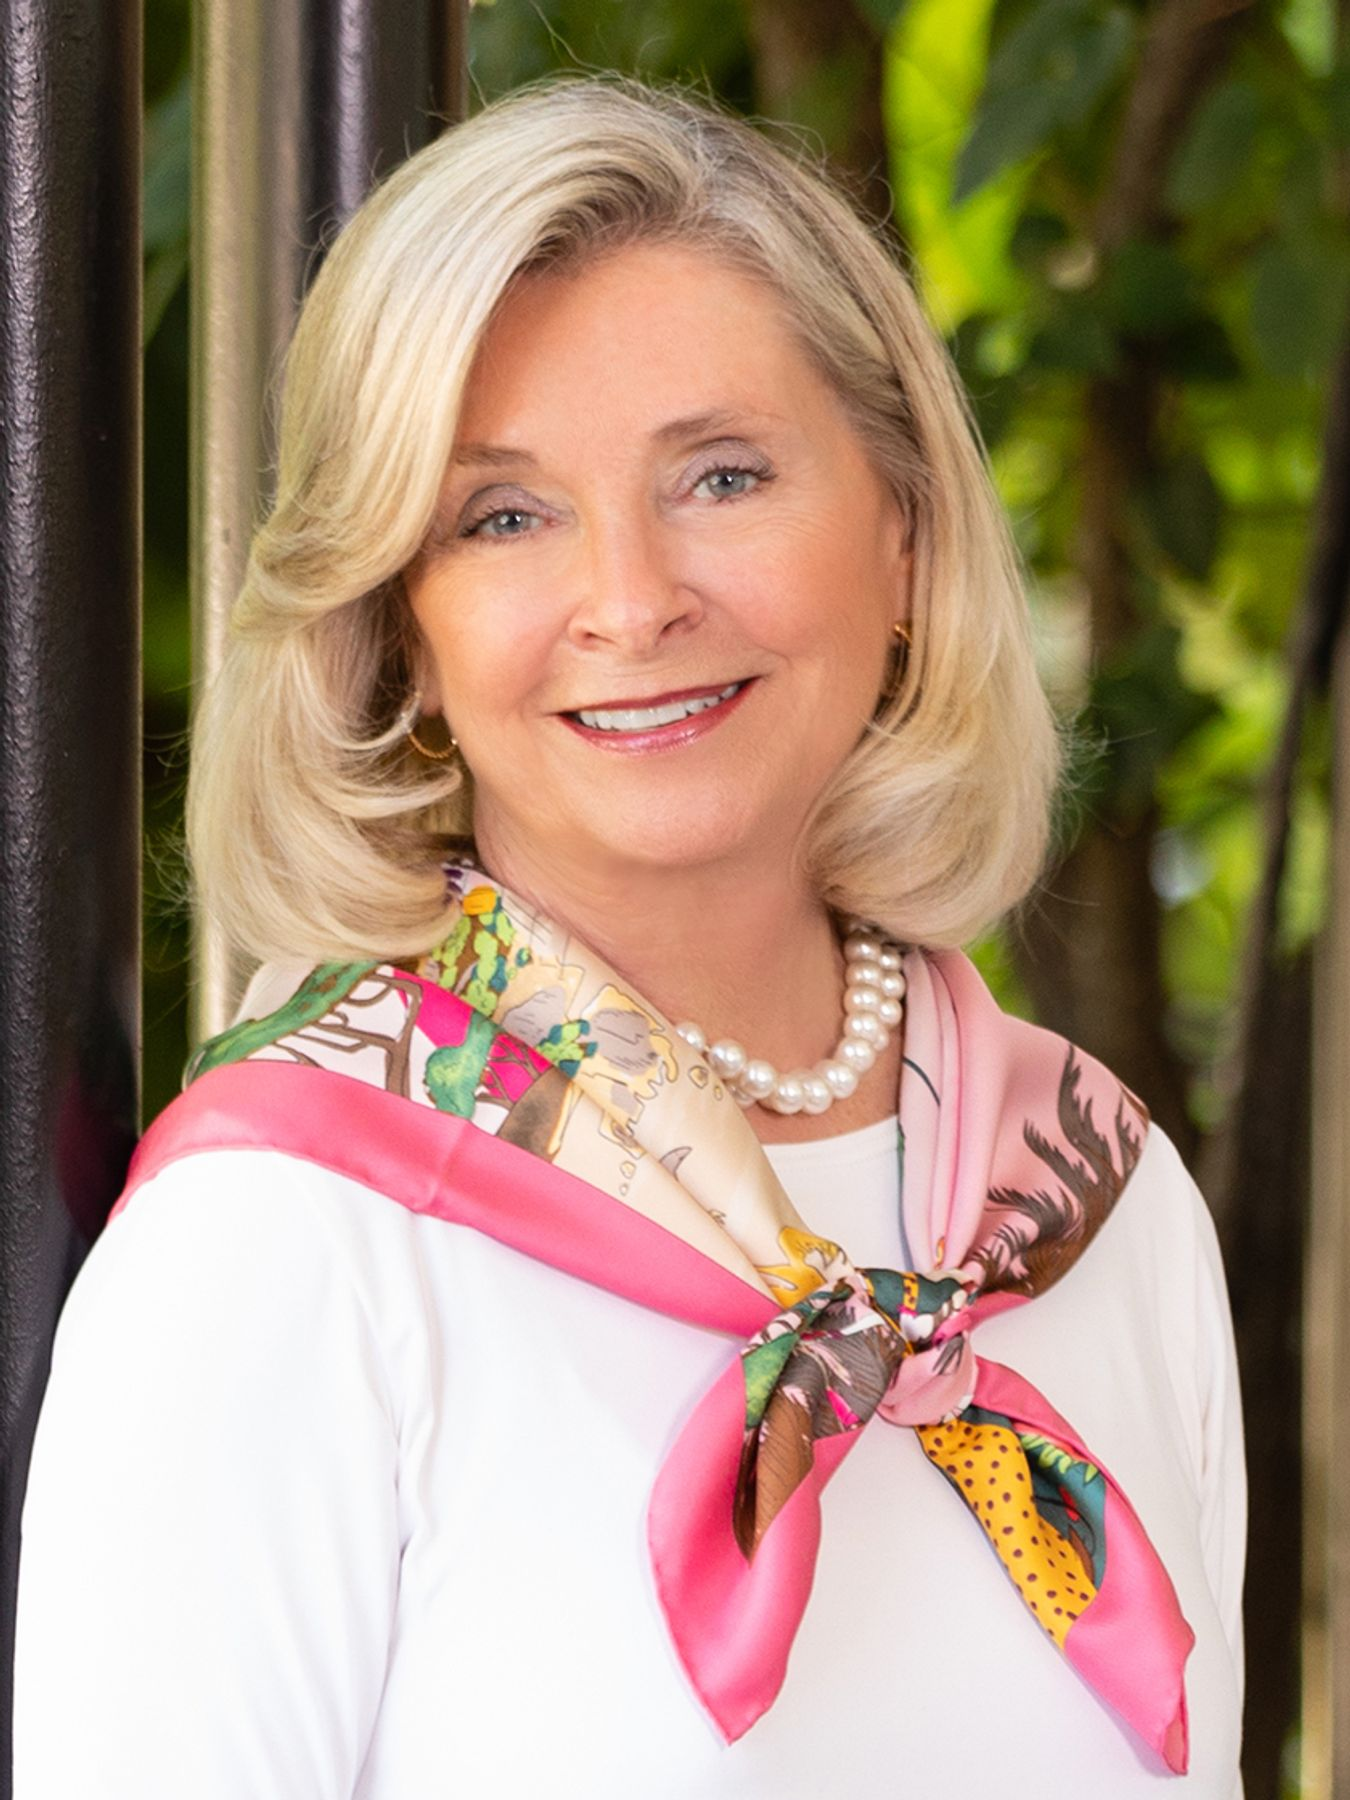 Denise A Segraves